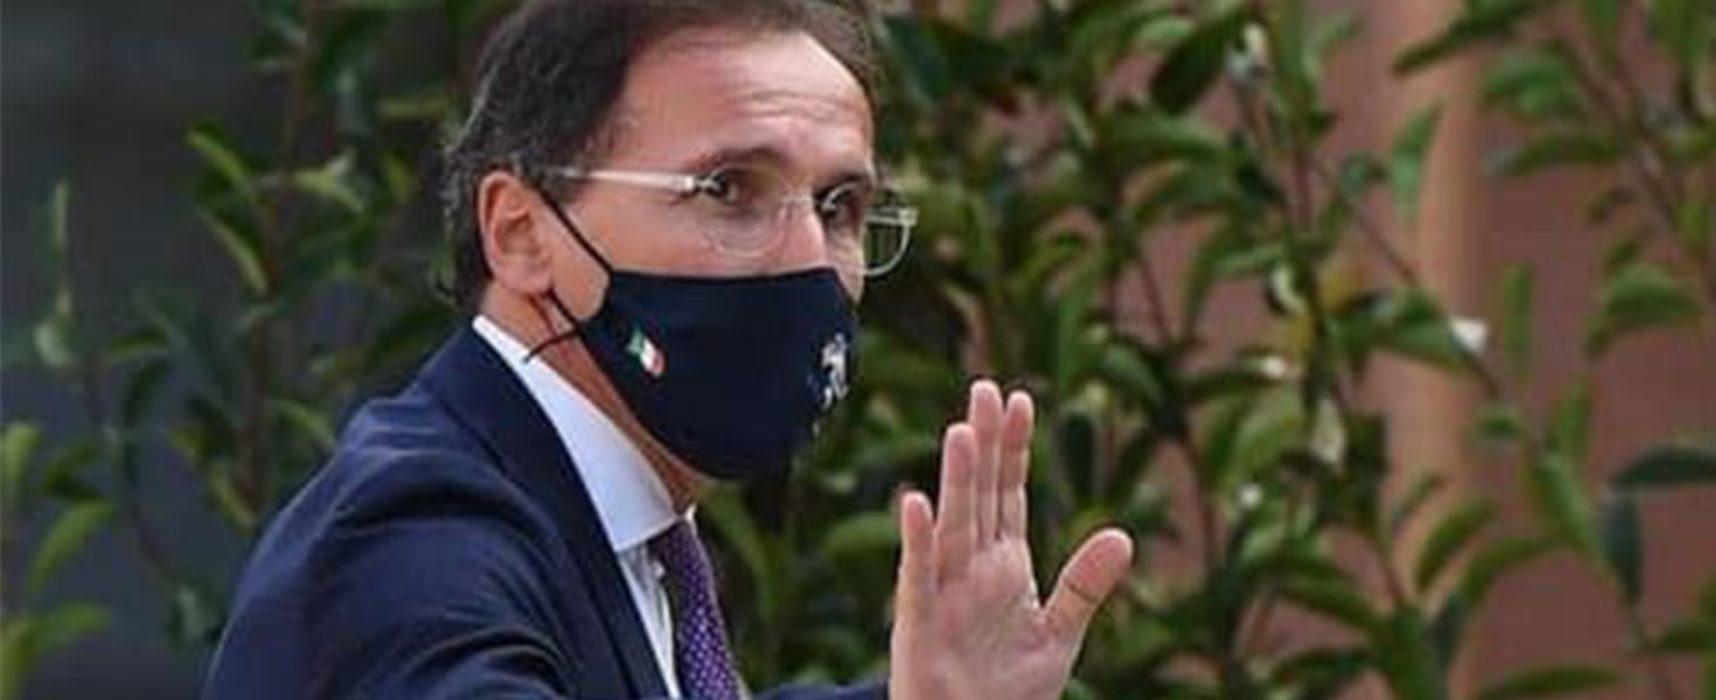 """Ministro Boccia positivo al Covid, """"Siate tutti responsabili, prudenti e rigorosi"""""""